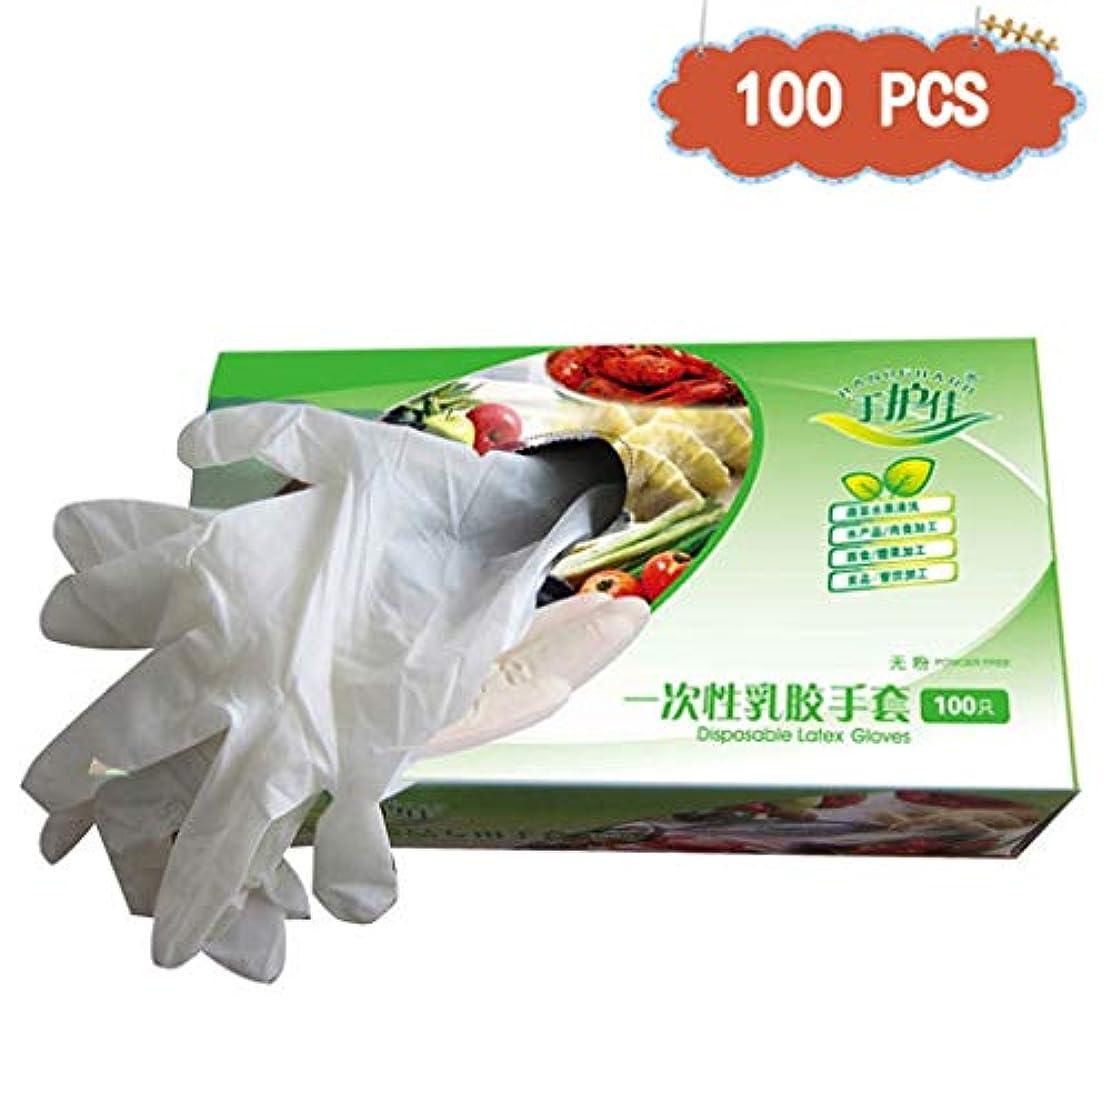 ビニール試験使い捨て手袋ラテックスゴムキッチン調理高弾性ネイルアート検査保護実験、美容ラテックス、パウダーフリー、両手利き、100個 (Size : S)